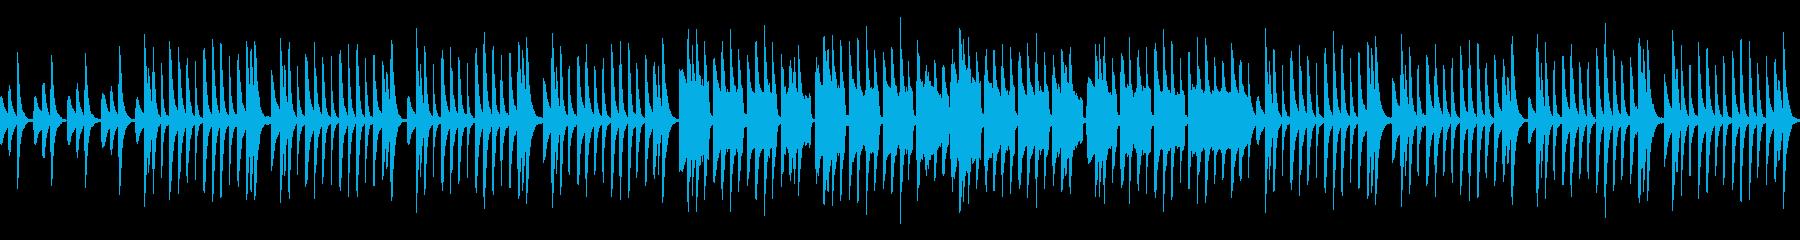 【リズム抜き】かわいい木琴_ループ可の再生済みの波形